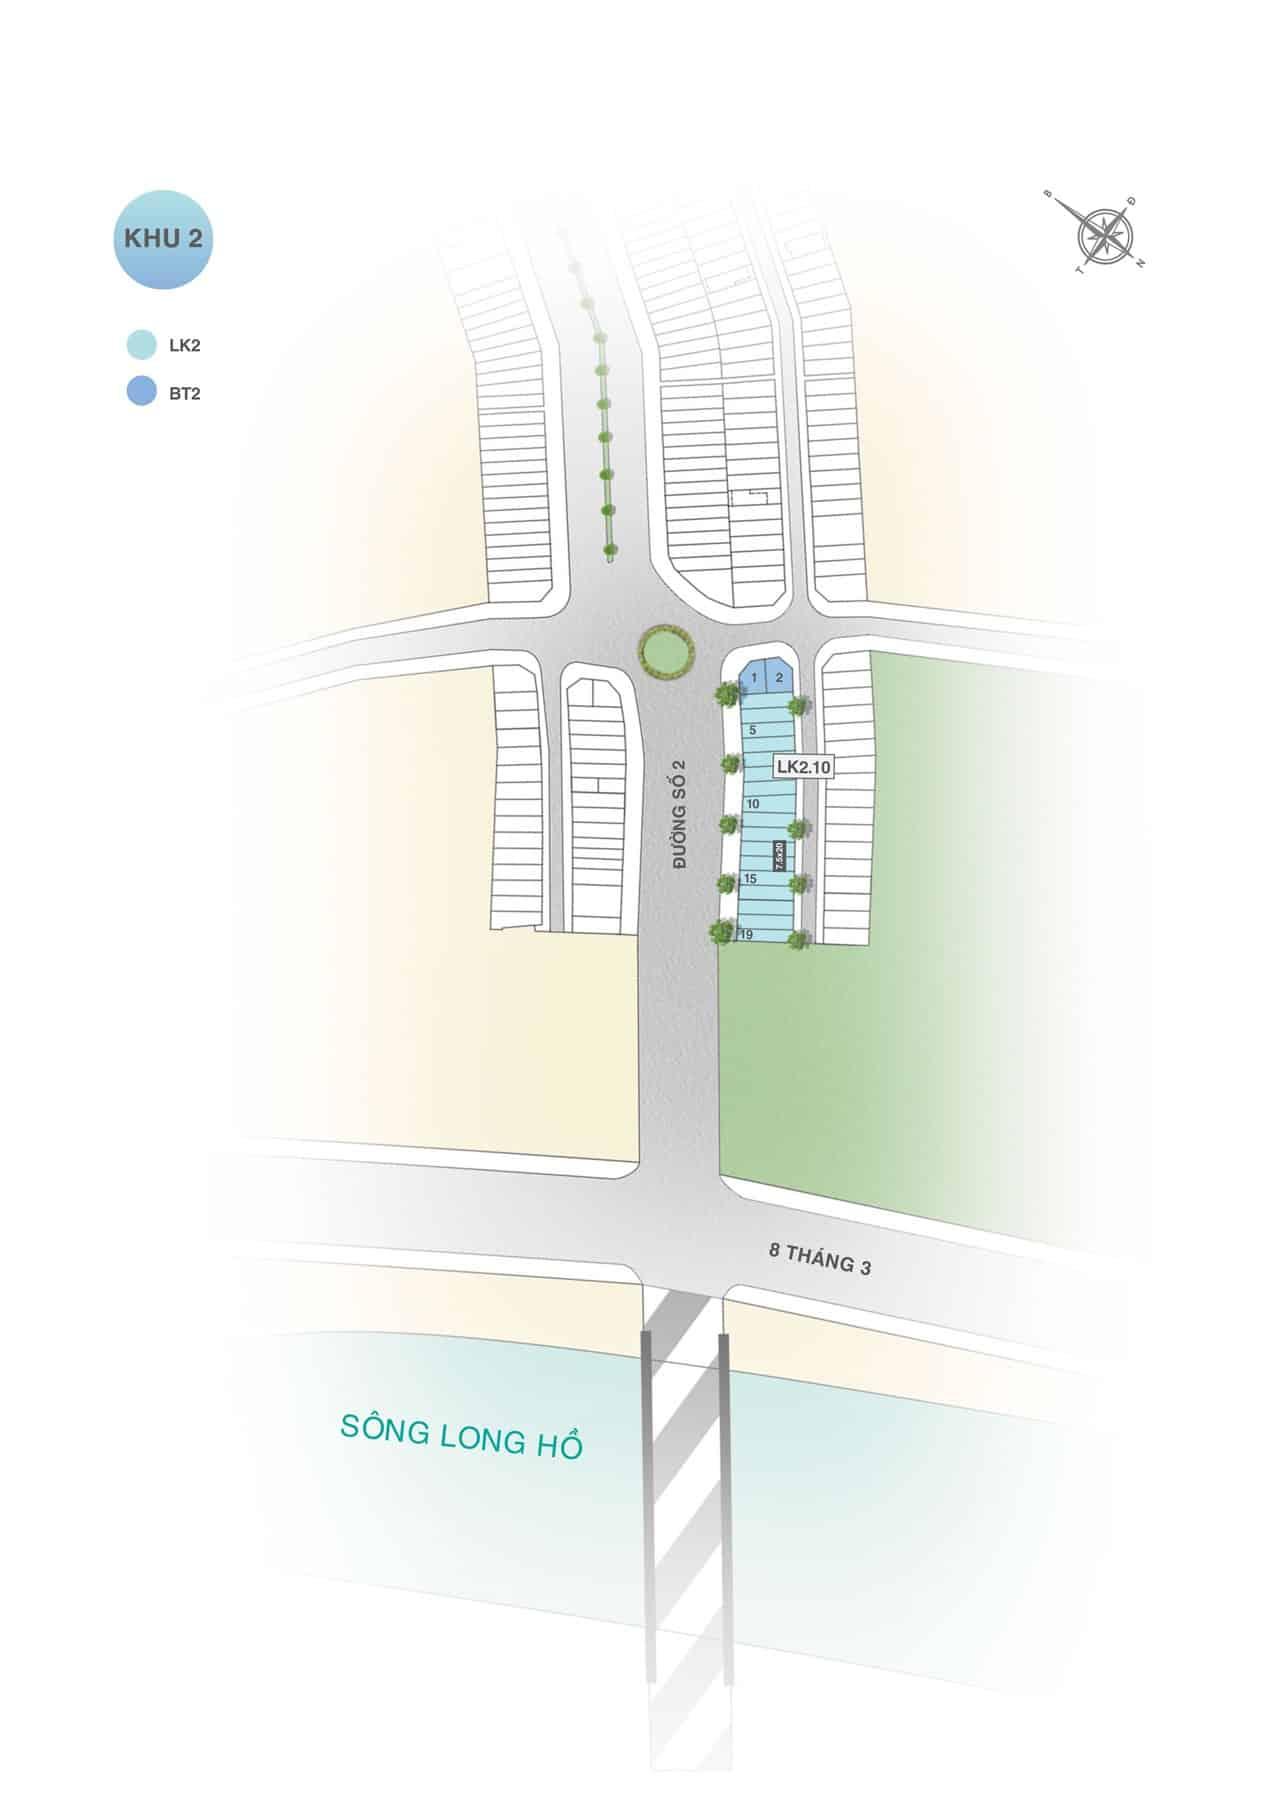 Mặt bằng dự án Hưng Thịnh Vĩnh Long khu 2C